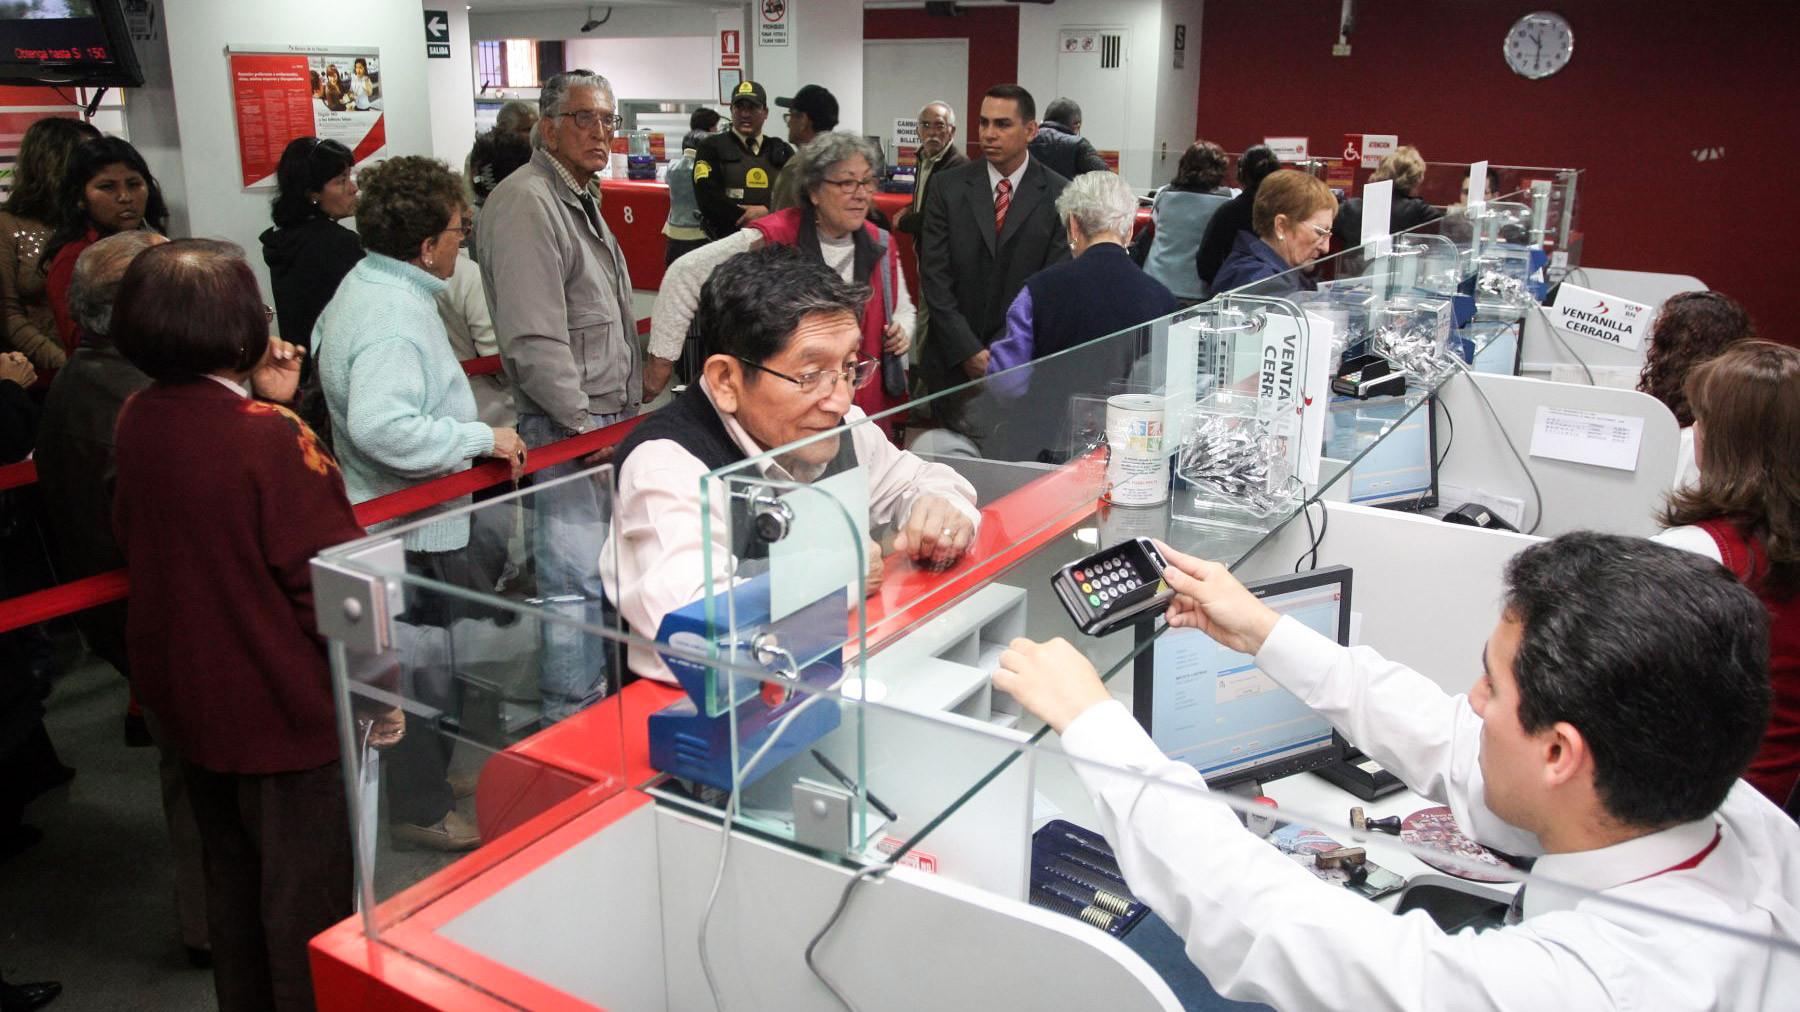 Las microfinancieras apuntarán a clientes menos riesgosos en el segundo año pandémico